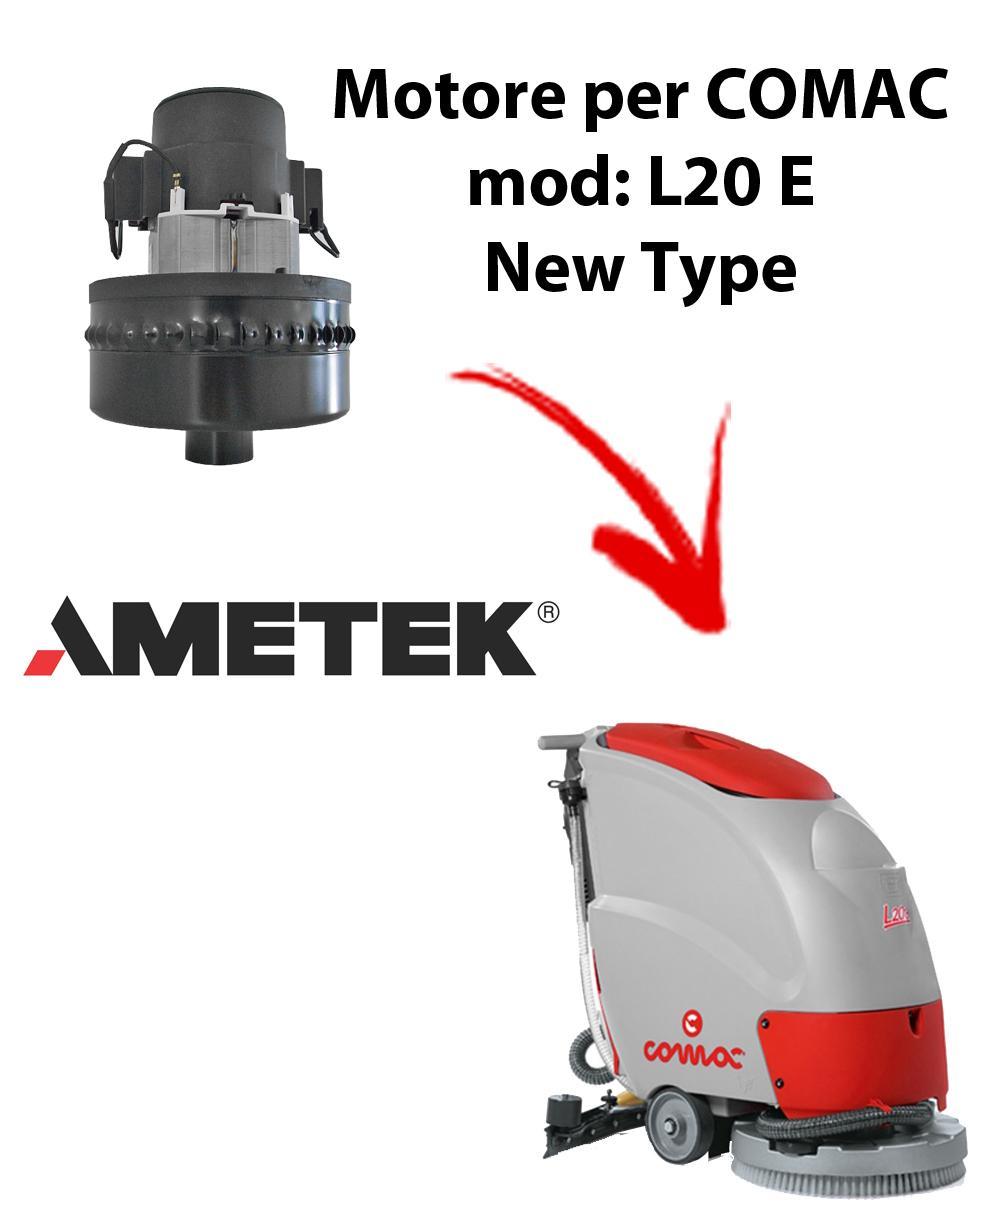 L20E New Type MOTORE AMETEK  aspirazione lavapavimenti Comac